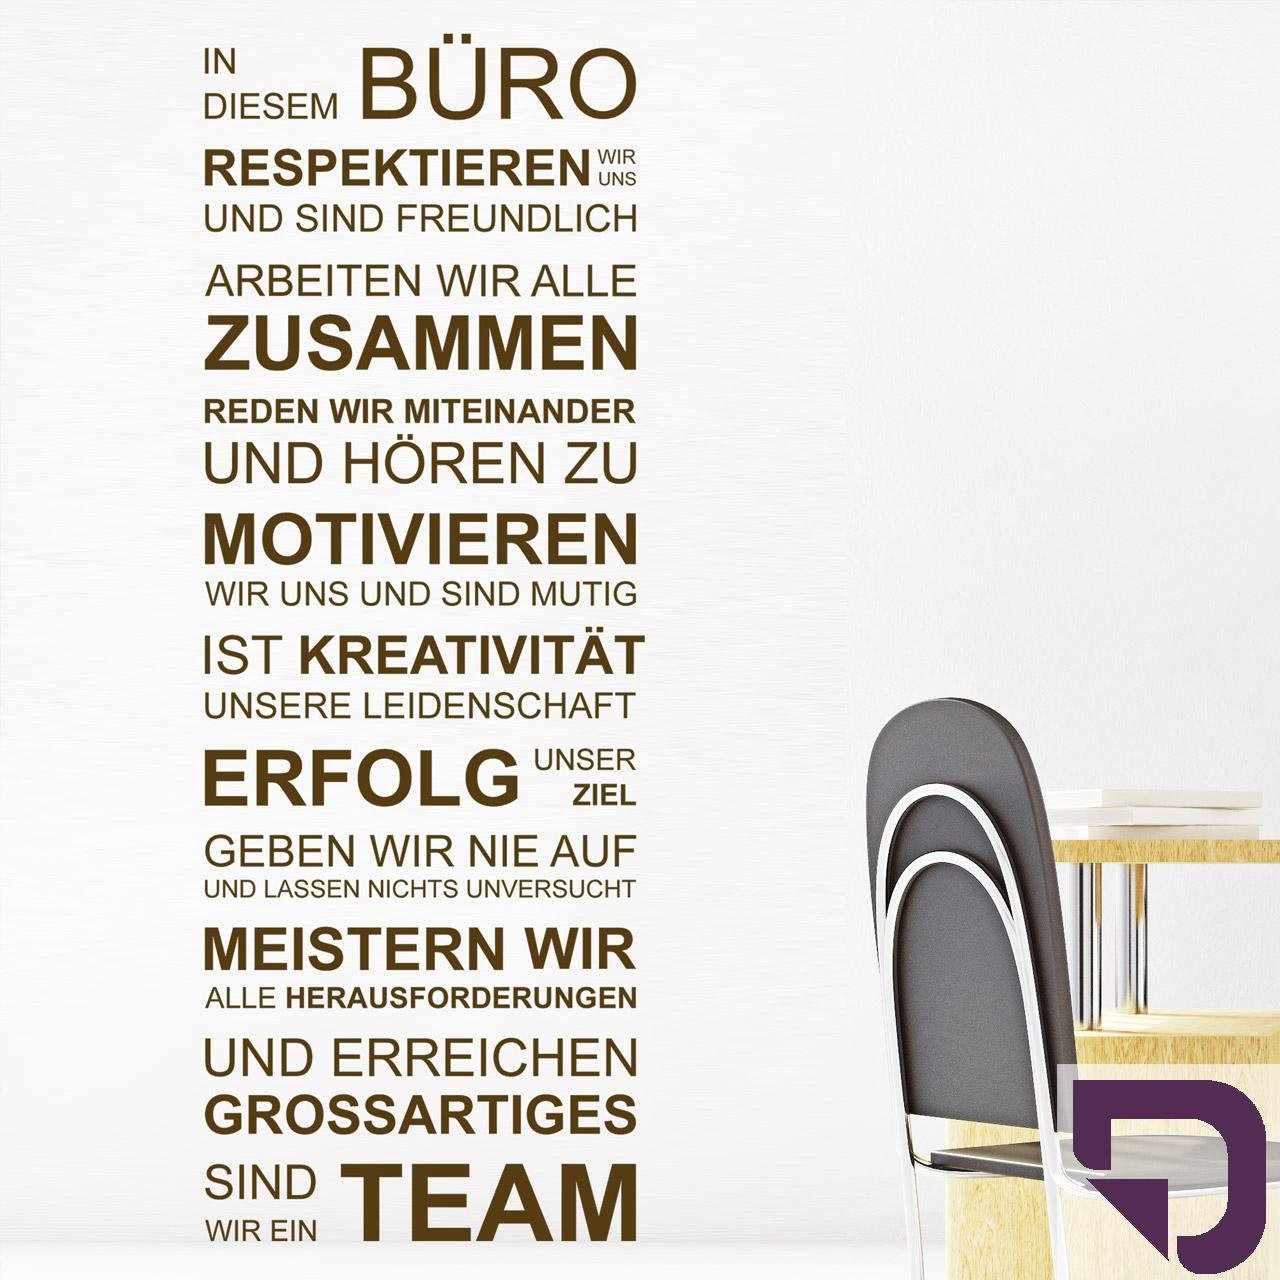 DESIGNSCAPE® Wandtattoo In diesem Büro respektieren wir uns, arbeiten arbeiten arbeiten wir alle zusammen, geben wir nie auf, sind wir ein Team... 67 x 180 cm (Breite x Höhe) schwarz DW801462-L-F4 B01DT7F6KO Wandtattoos & Wandbilder e3e184